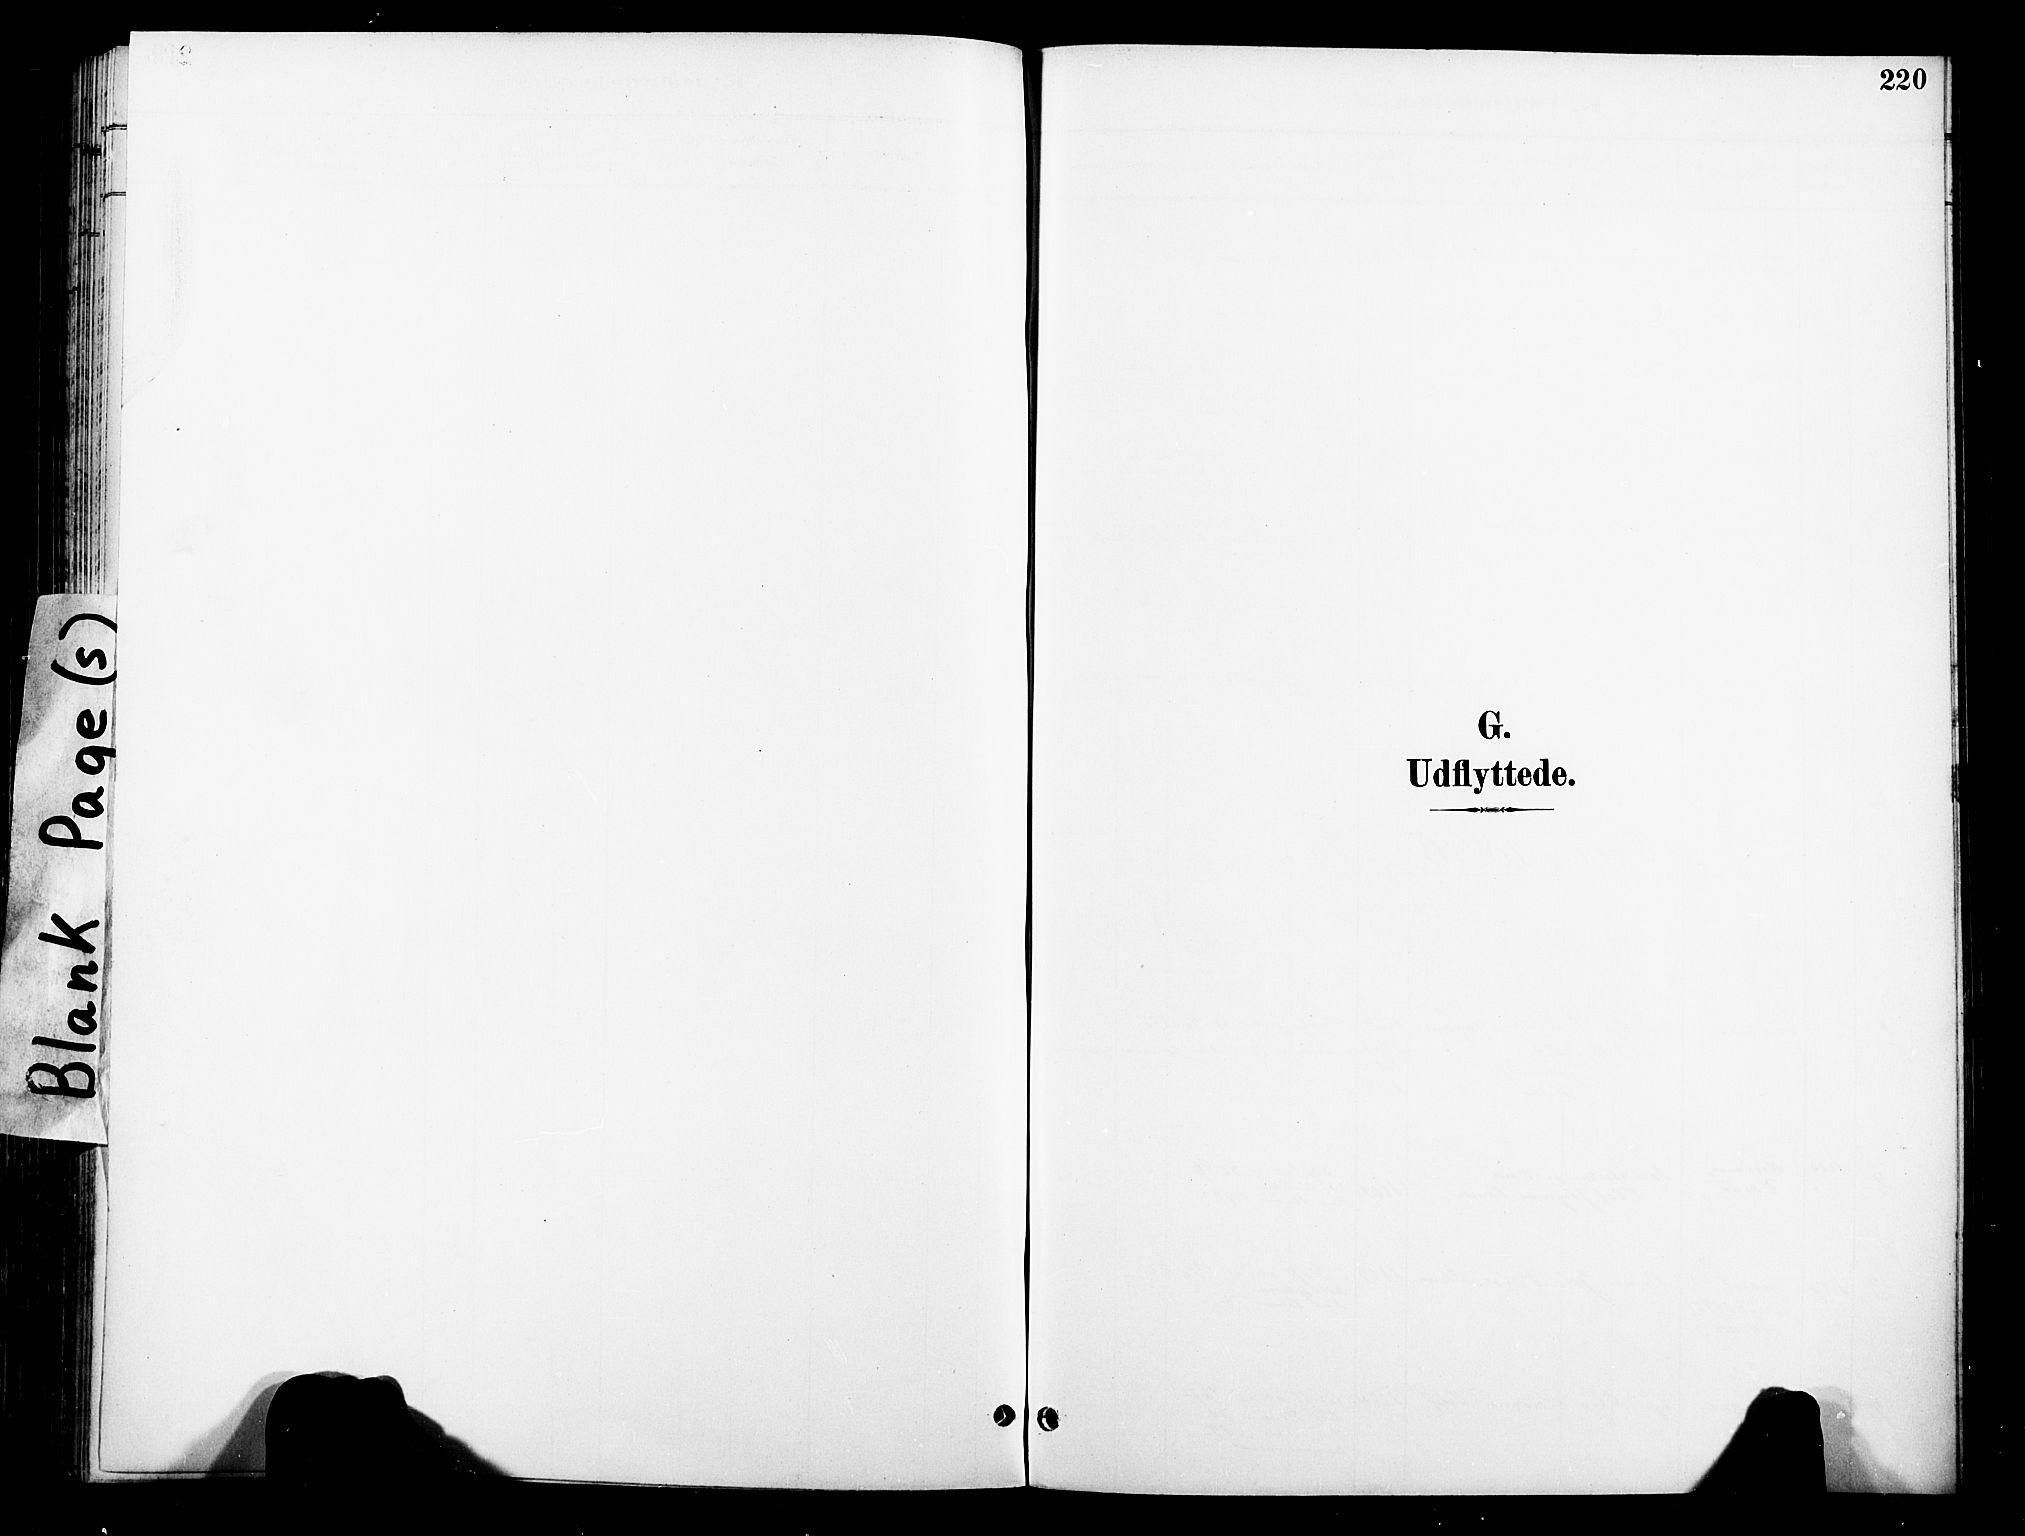 SAT, Ministerialprotokoller, klokkerbøker og fødselsregistre - Nord-Trøndelag, 739/L0372: Ministerialbok nr. 739A04, 1895-1903, s. 220